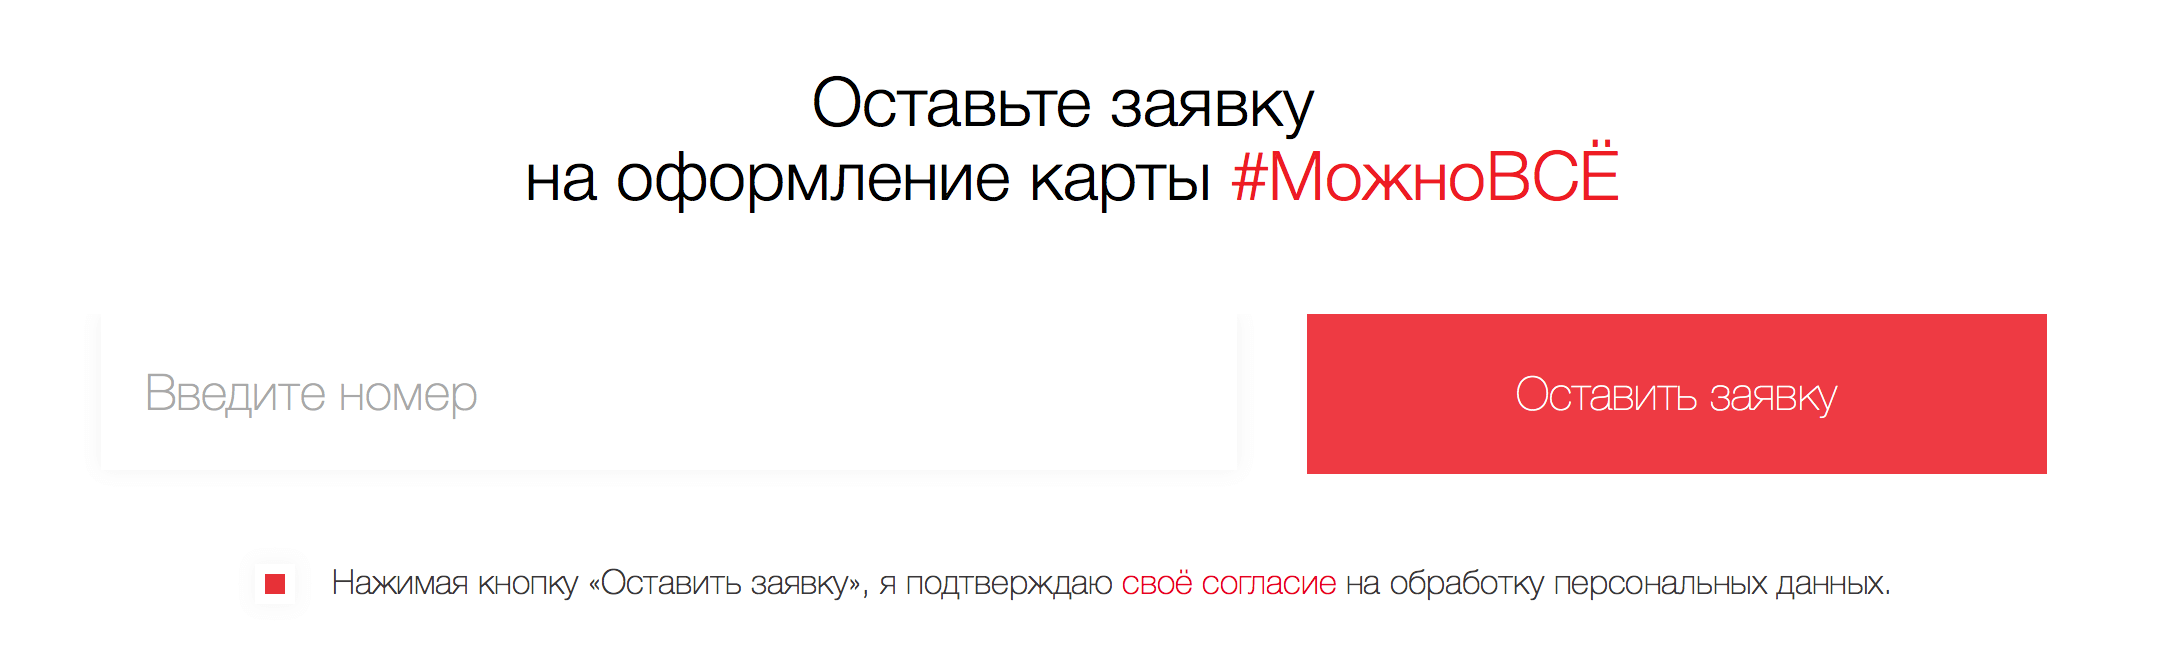 mojnovse1